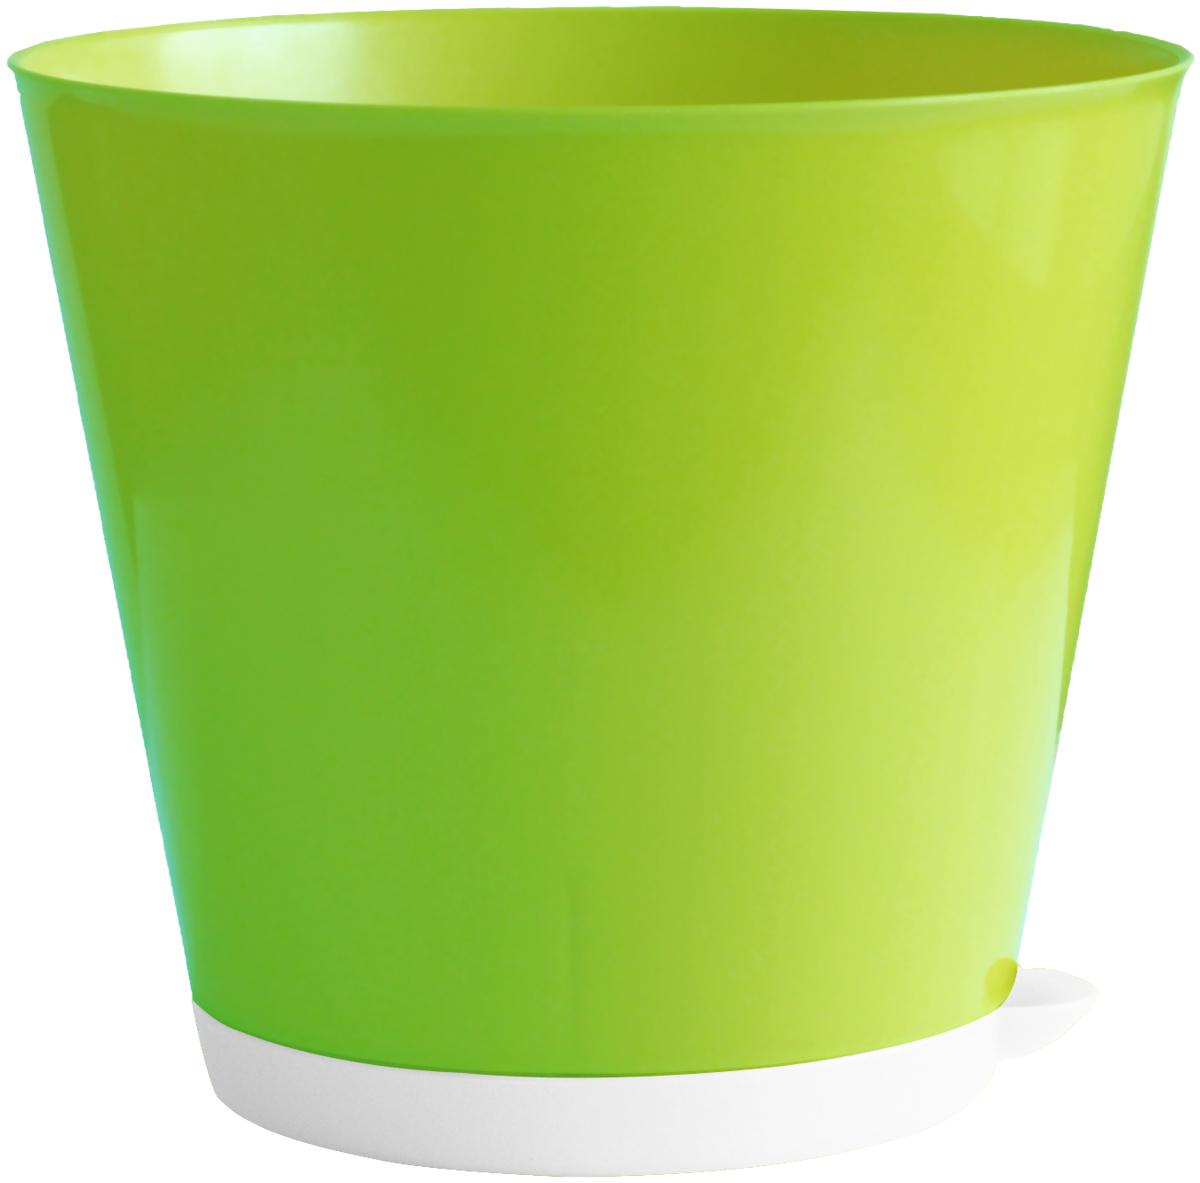 Горшок для цветов InGreen Крит, с системой прикорневого полива, цвет: зелено-желтый, диаметр 16 смING46016СЛ-16РSГоршок InGreen Крит, выполненный из высококачественного полипропилена (пластика), предназначен для выращивания комнатных цветов, растений и трав. Специальная конструкция обеспечивает вентиляцию в корневой системе растения, а дренажные отверстия позволяют выходить лишней влаге из почвы. Крепежные отверстия и штыри прочно крепят подставку к горшку. Прикорневой полив растения осуществляется через удобный носик. Система прикорневого полива позволяет оставлять комнатное растение без внимания тем, кто часто находится в командировках или собирается в отпуск и не имеет возможности вовремя поливать цветы.Такой горшок порадует вас современным дизайном и функциональностью, а также оригинально украсит интерьер любого помещения. Объем горшка: 1,8 л.Диаметр горшка (по верхнему краю): 16 см.Высота горшка: 14,7 см.